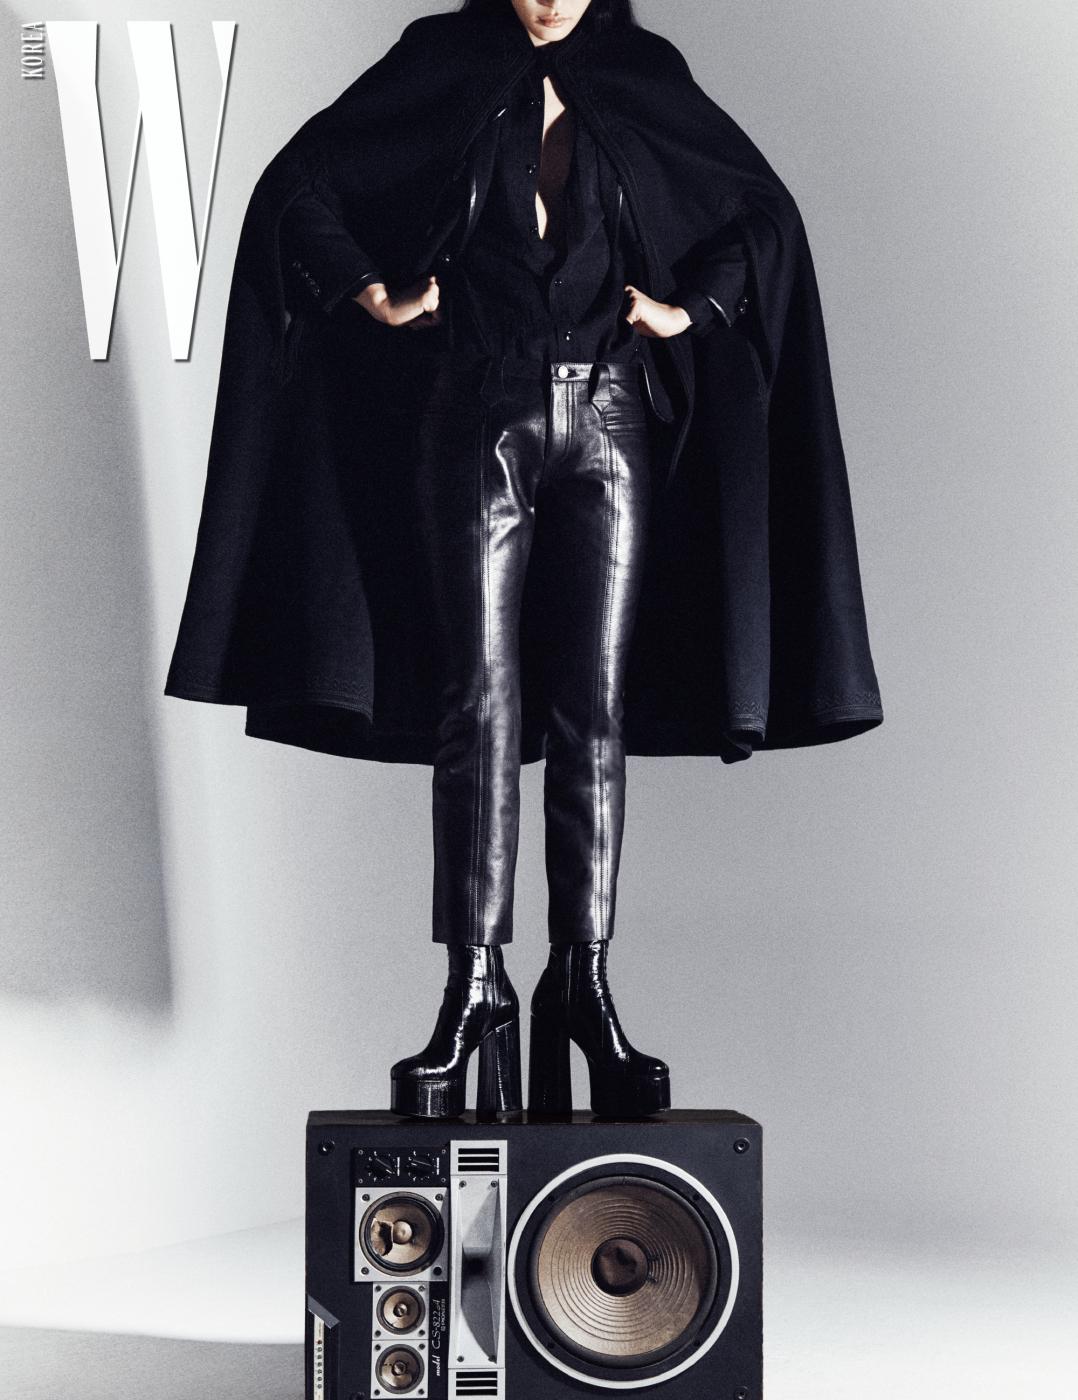 드라마틱한 실루엣을 연출하는 울 소재 케이프, 울 개버딘 블레이즈, 실크 셔츠, 가죽 팬츠, 빌리 버클 부츠는 모두 Saint Laurent by Anthony Vaccarello 제품.